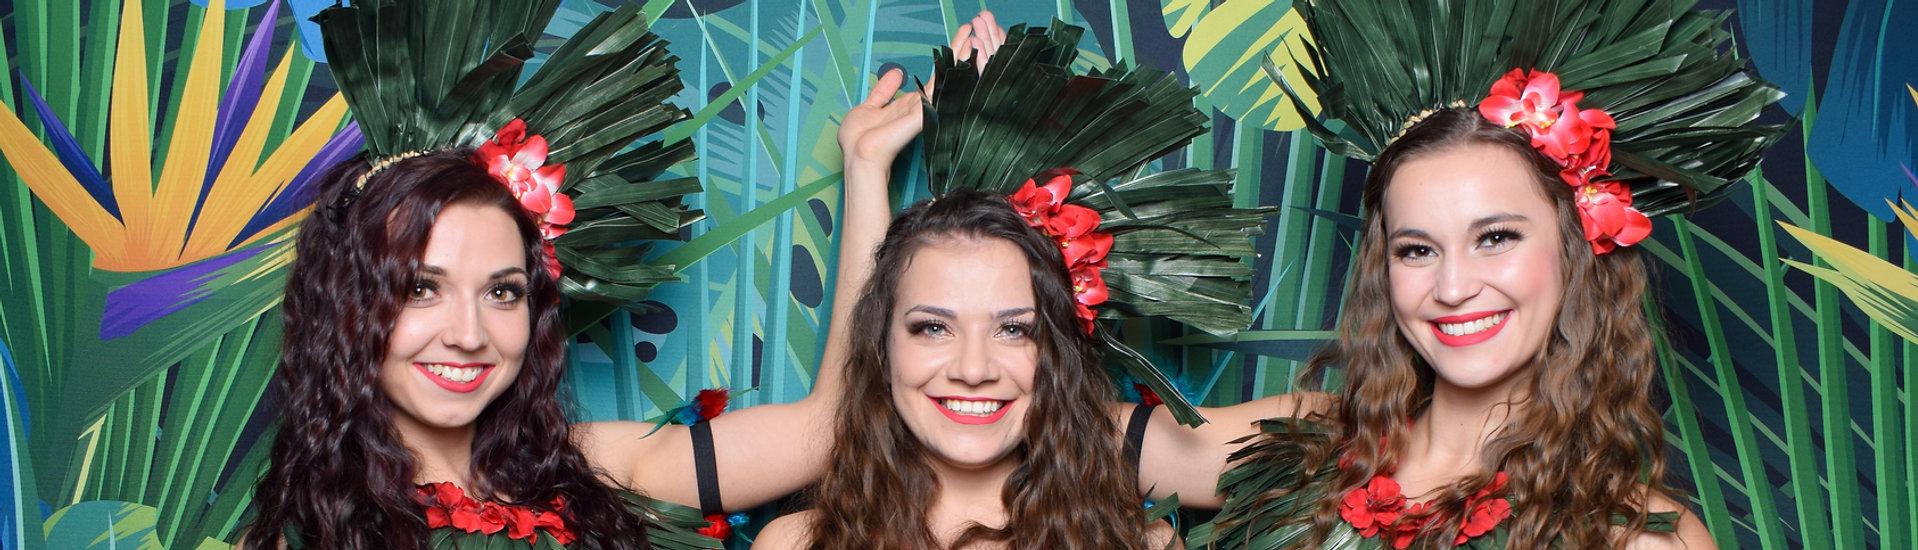 Havajský večírek, havajské tance hula tanečnice